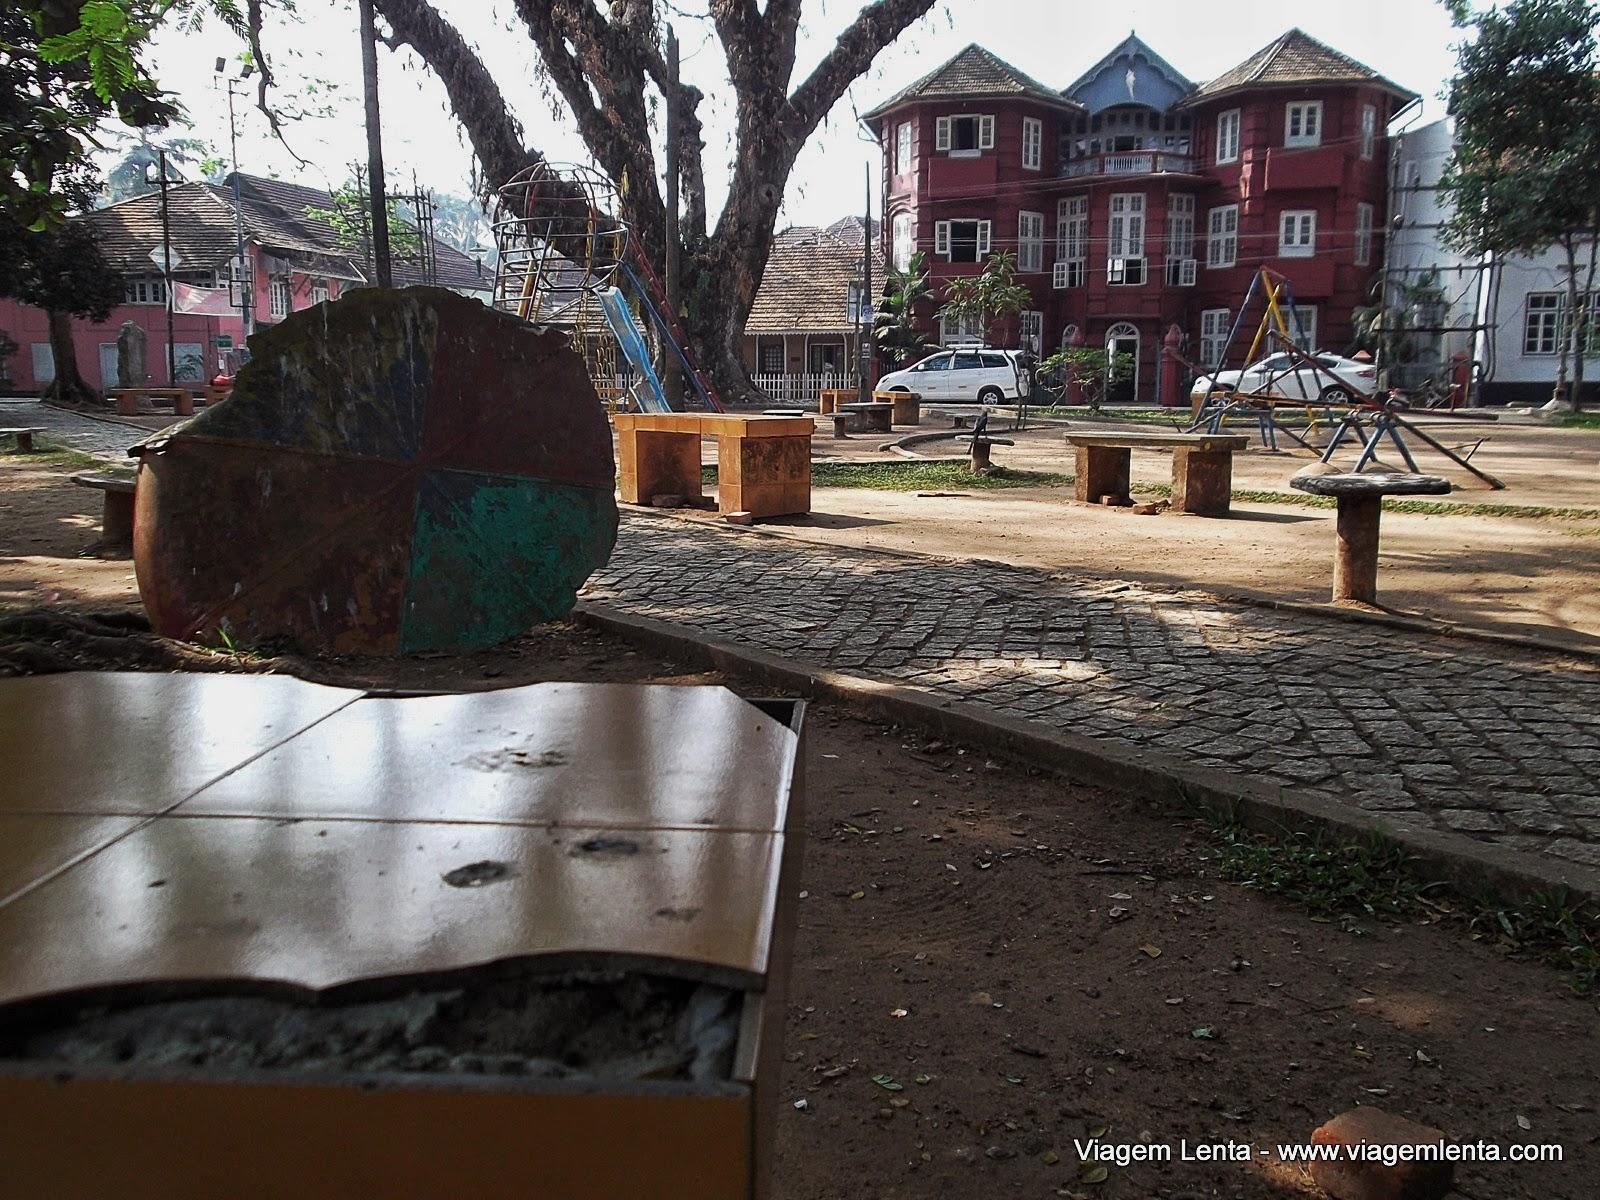 Relato de viagem à cidade de Kochi e seu forte, ex-colônia de Portugal, no litoral oeste da Índia.